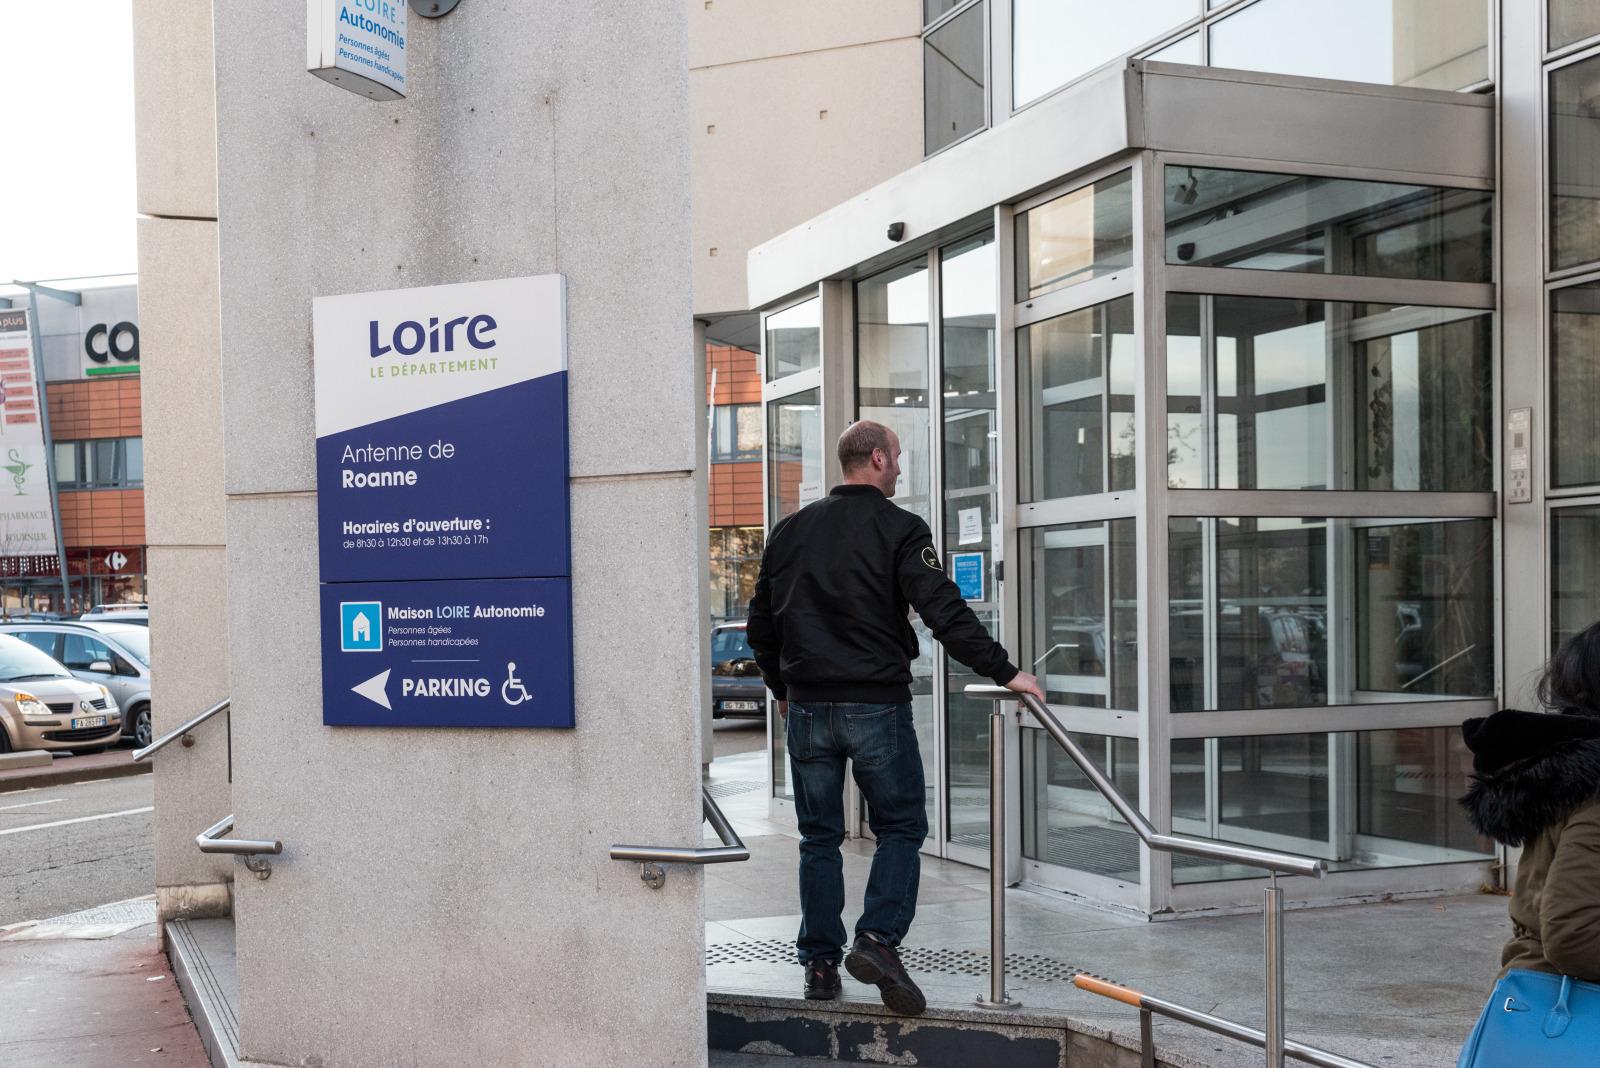 https://www.loire.fr/jcms/lw_1323703/maison-departementale-des-personnes-handicapees-donnez-votre-avis?xtor=RSS-40